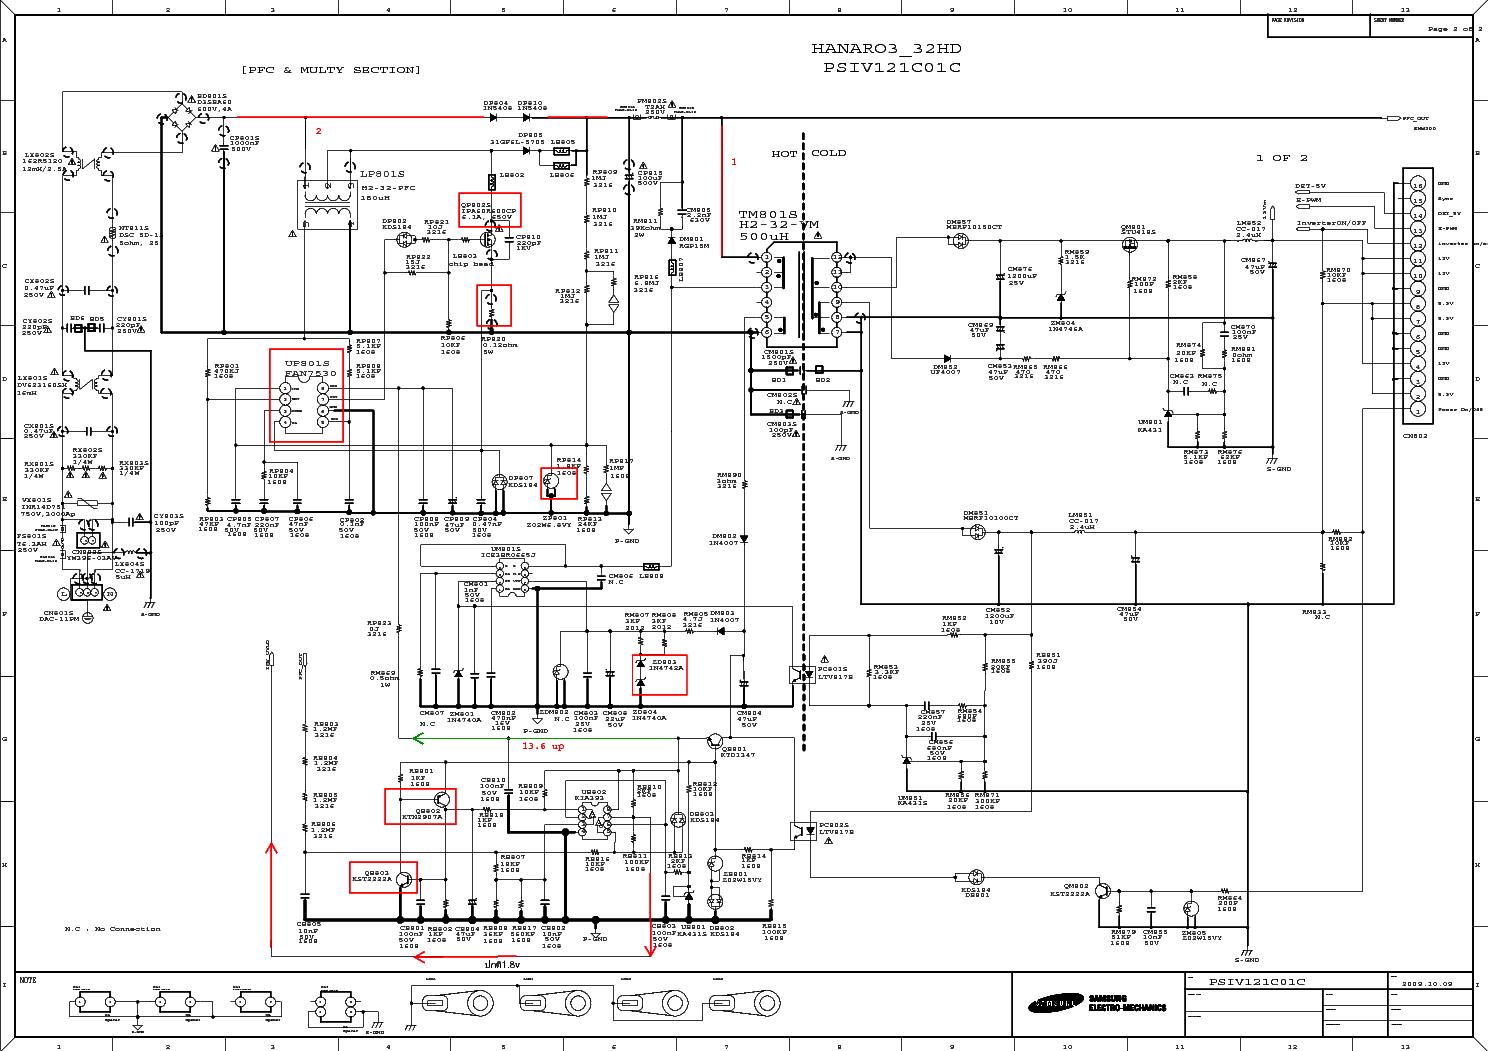 Схемы блоков питания самсунг bn44